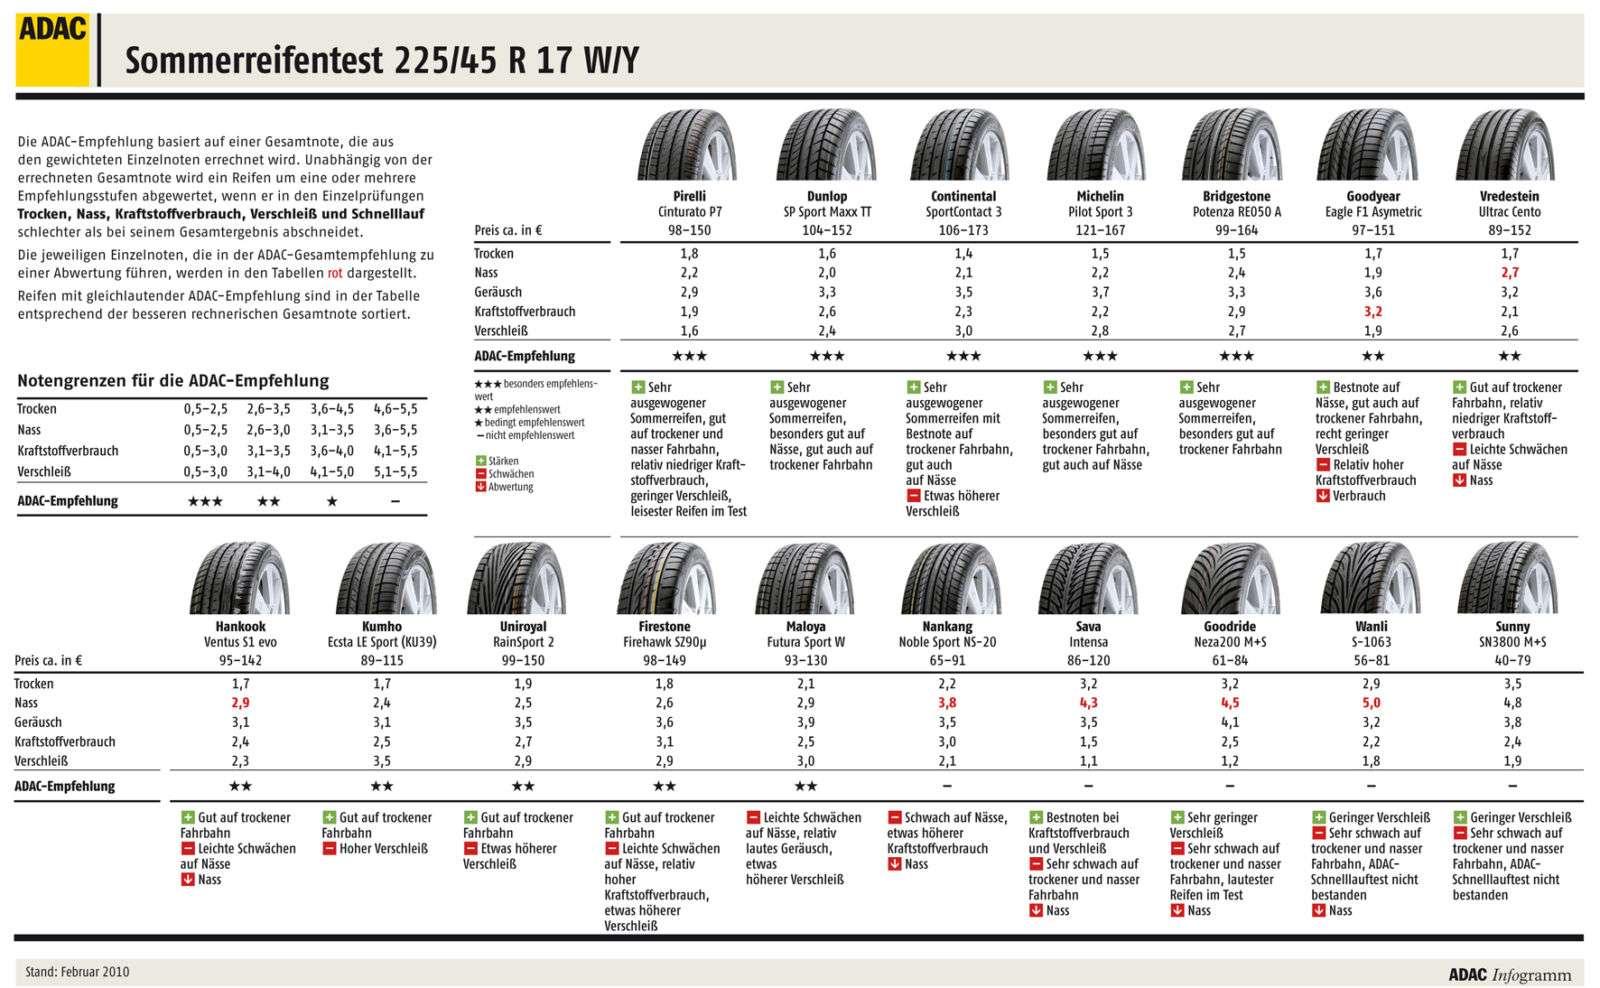 adac sommerreifentest 2010 testergebnisse in der gr e 225 45 r 17 w y reifen testberichte. Black Bedroom Furniture Sets. Home Design Ideas